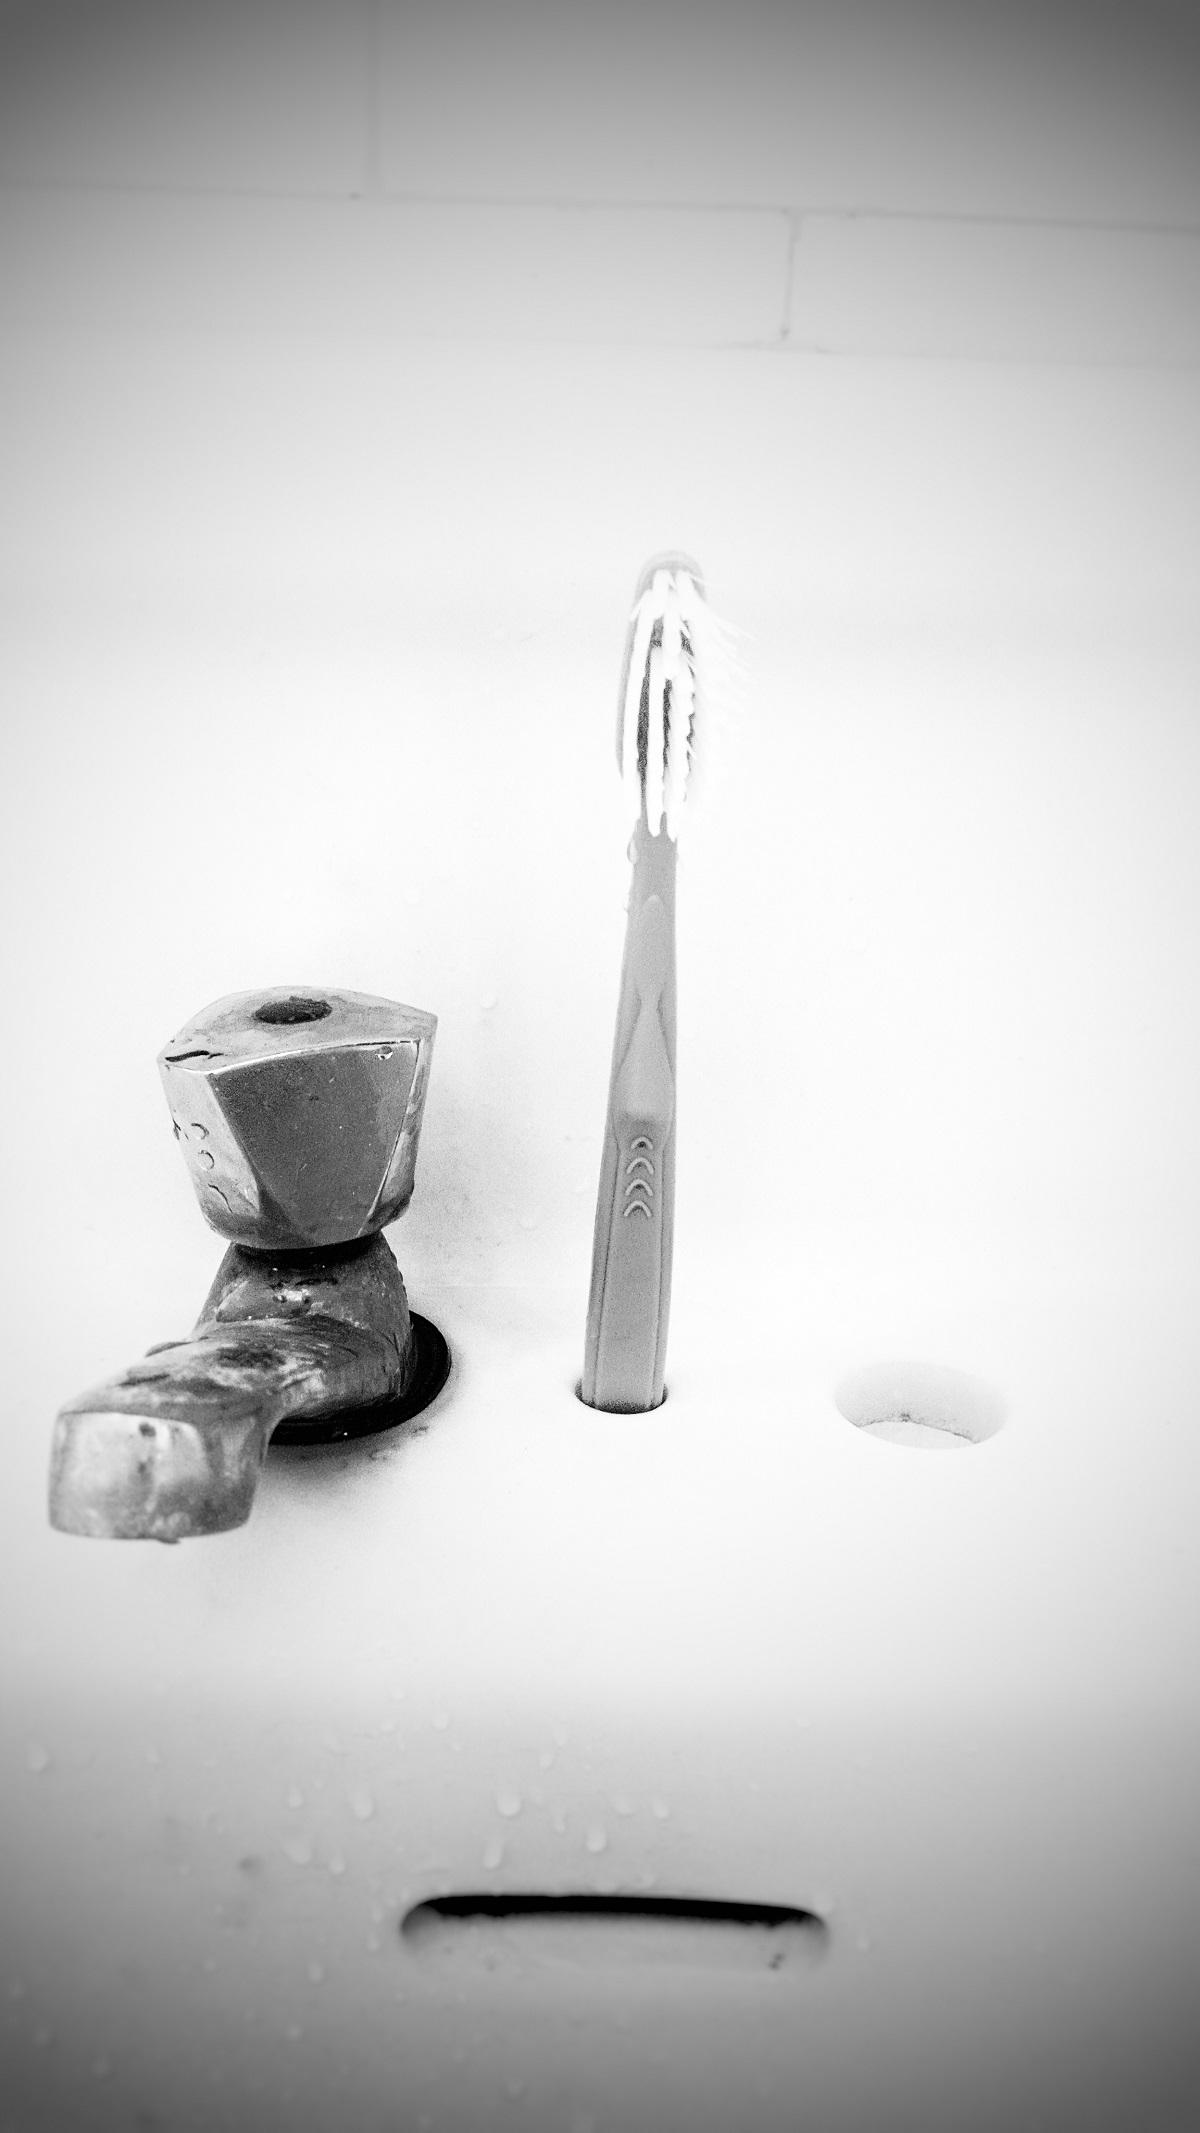 Photo noir et blanc. Elle montre un lavabo sur lequel une brosse à dent est positionnée à la verticale, à droite du robinet.